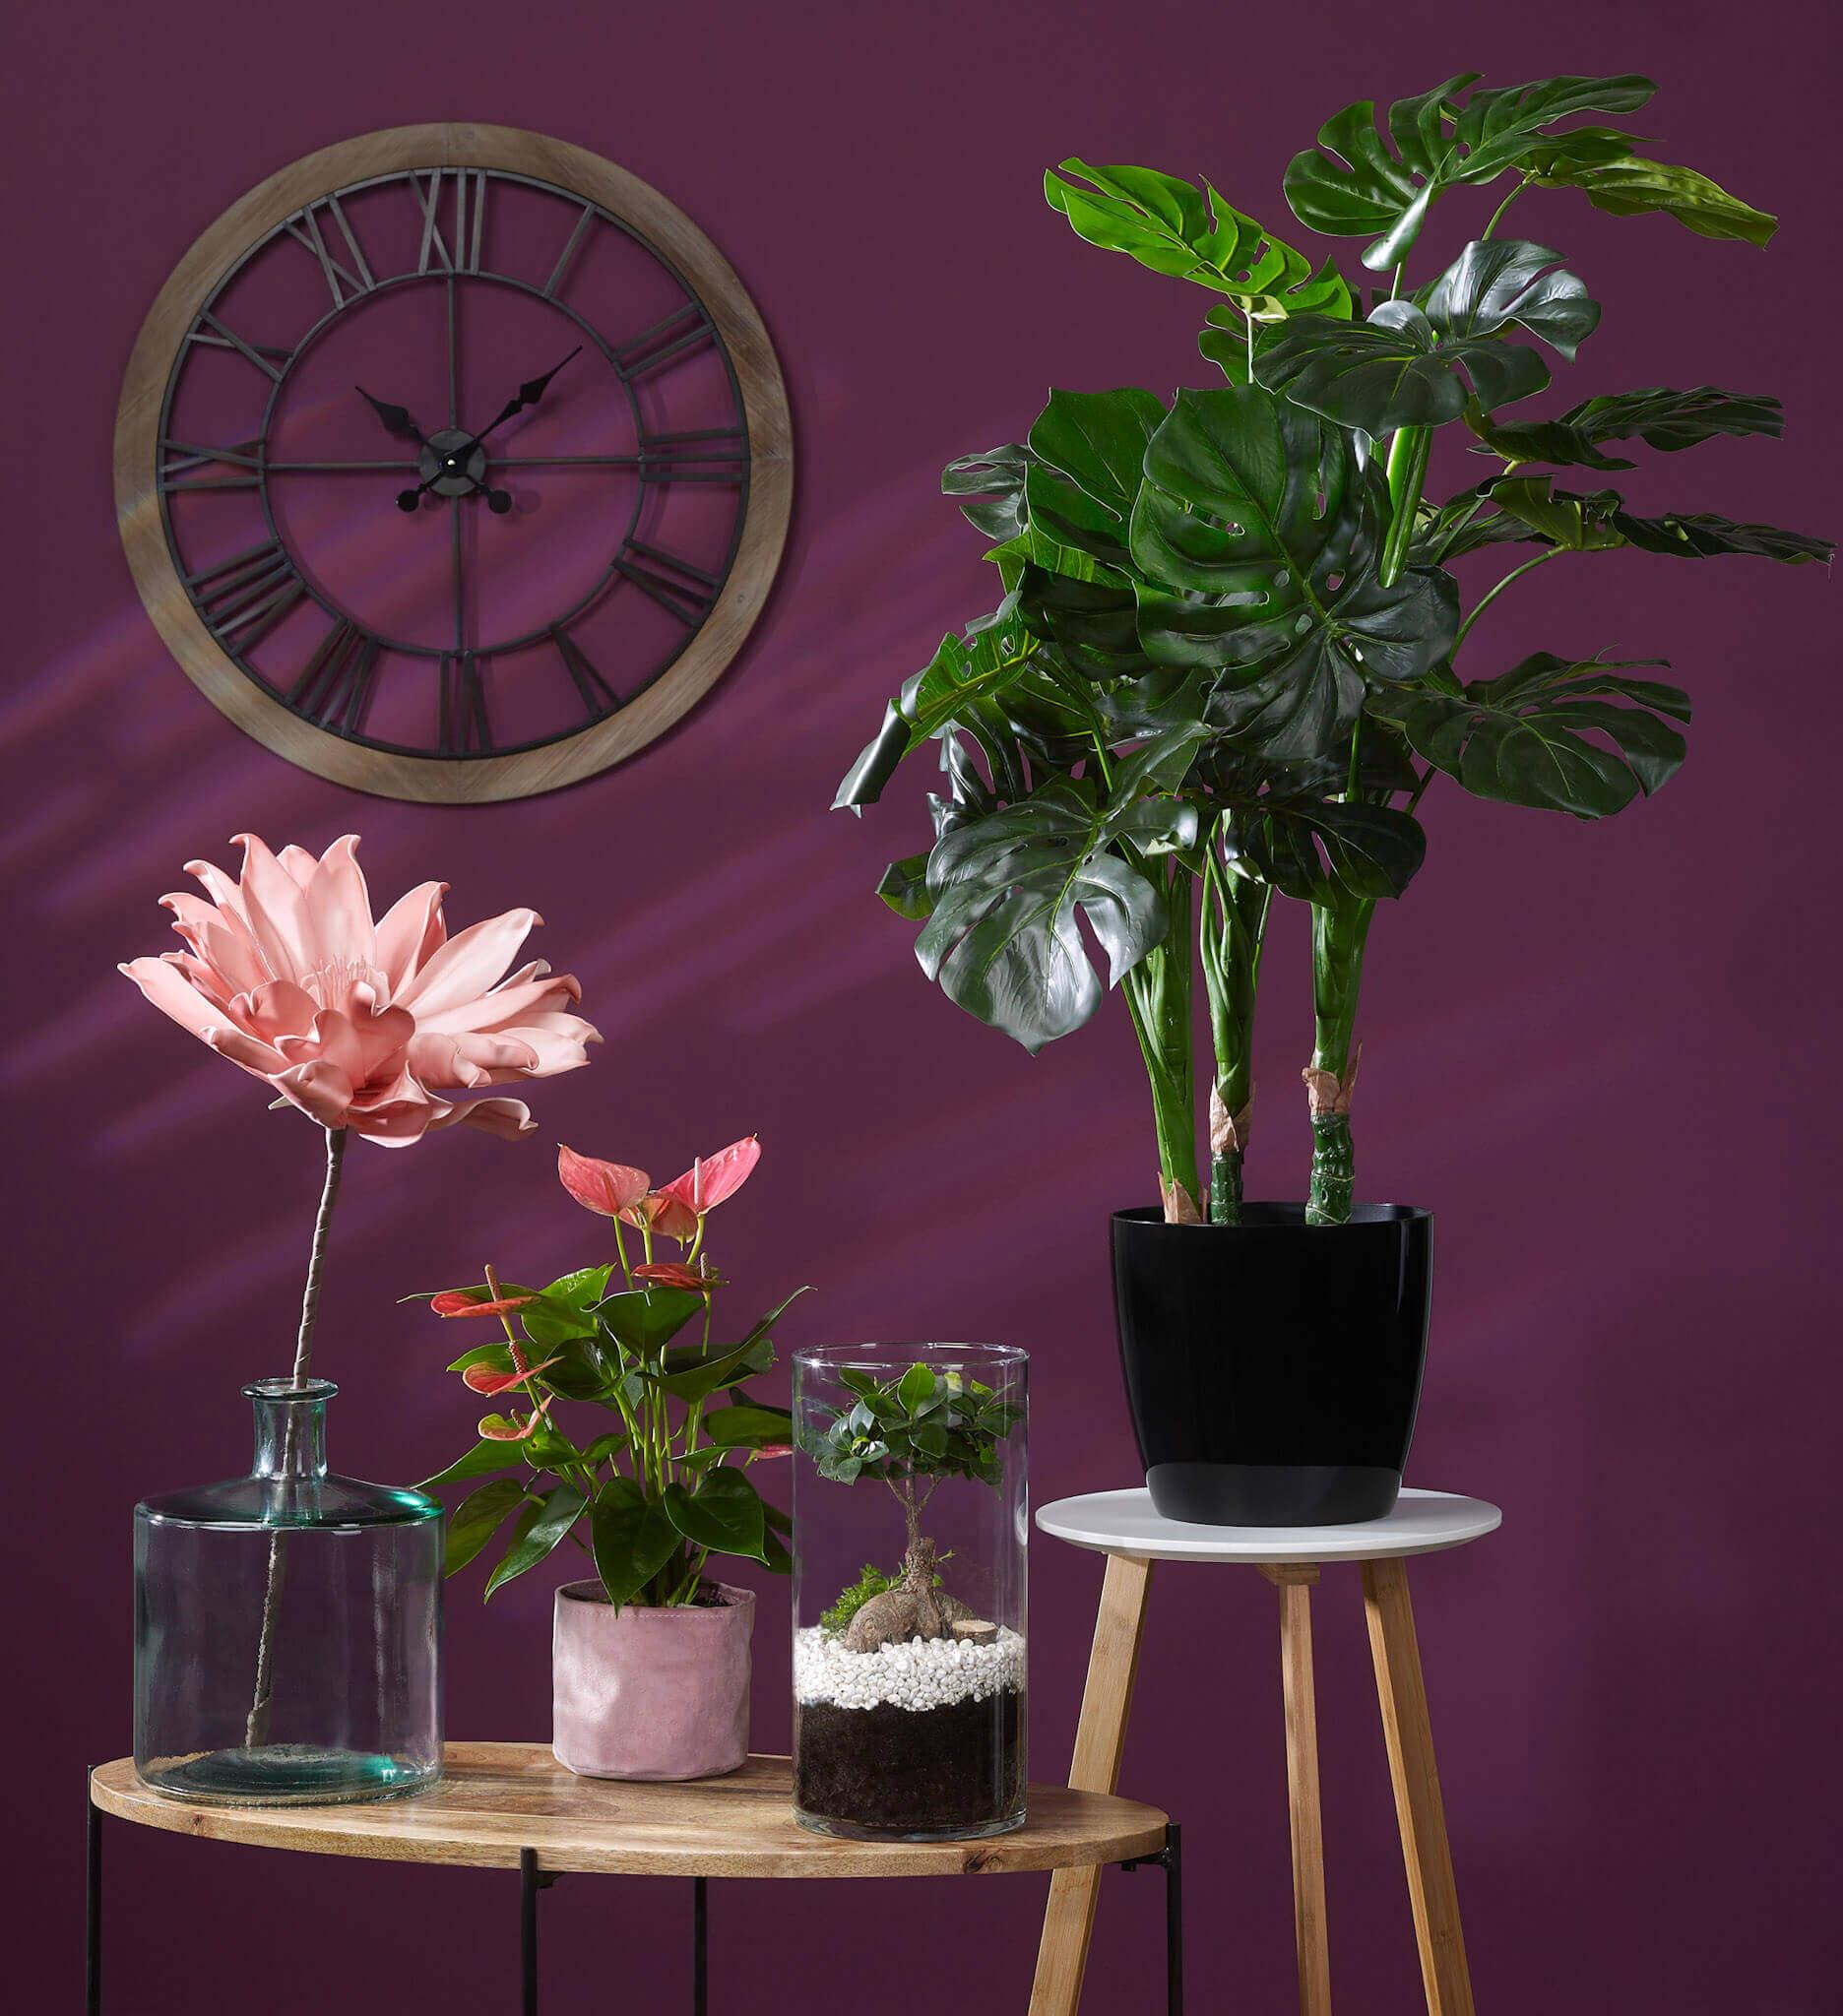 Les réalisations Lehmann Studio, photographe à Angers - shooting produits en studio packshot plantes Magasin Vert